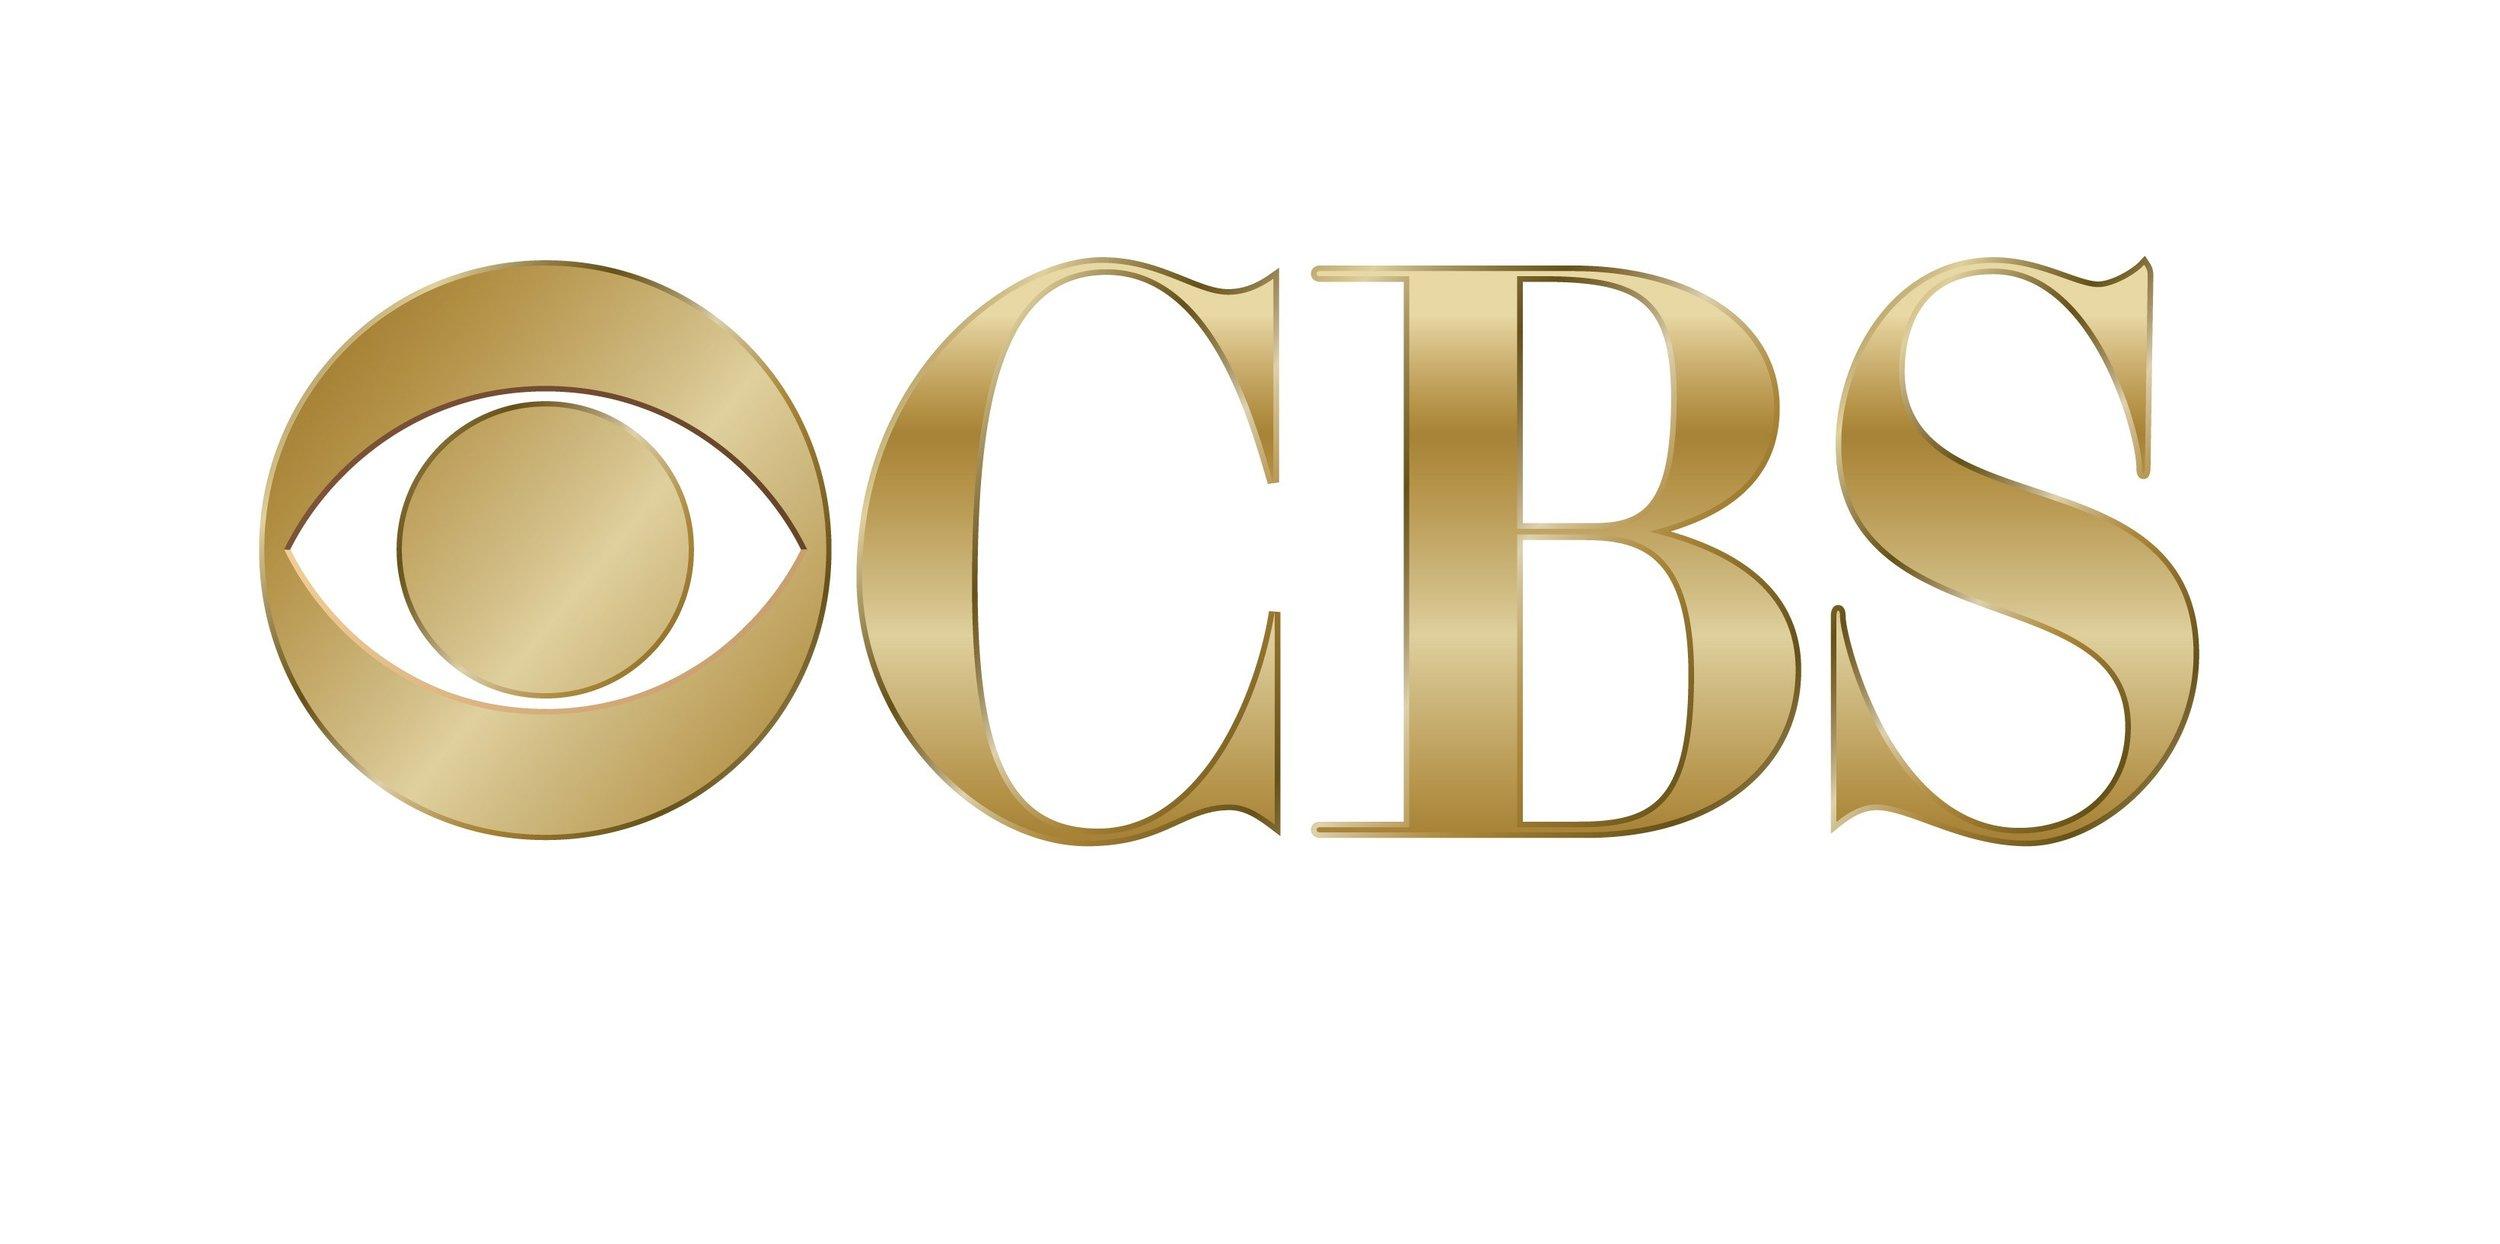 OCBS logo